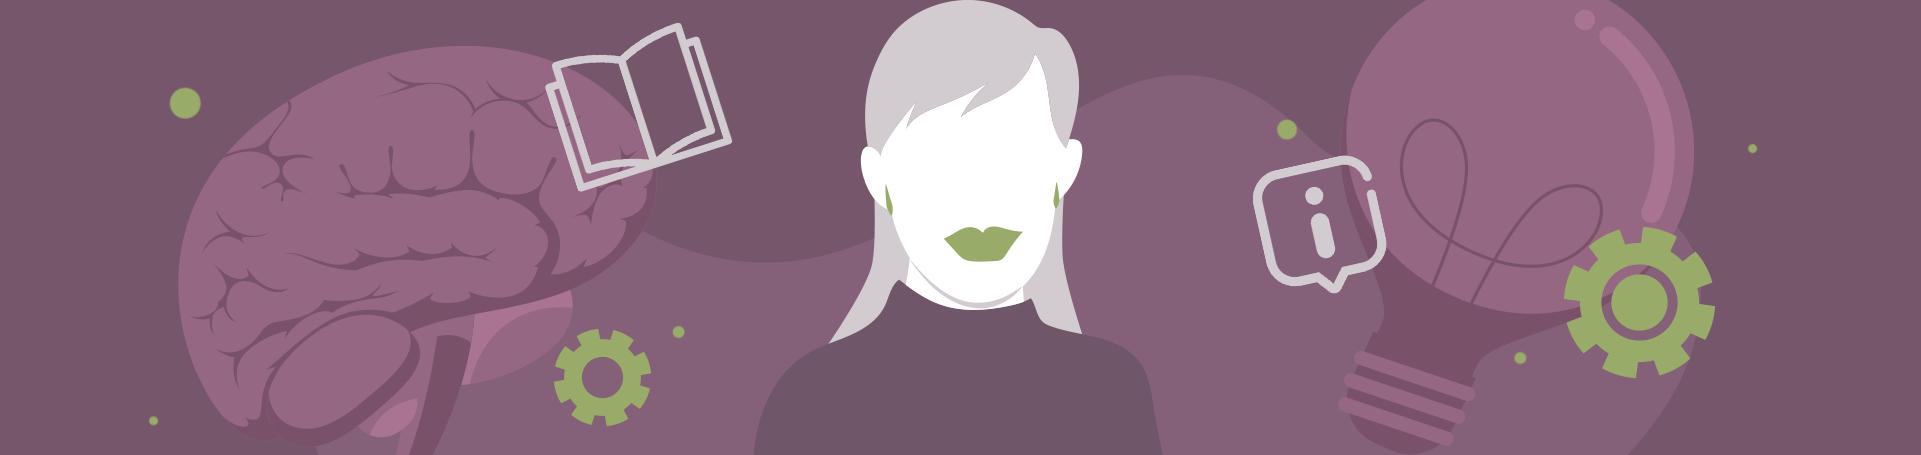 Frauengesundheit Wissen Praxis für Frauengesundheit